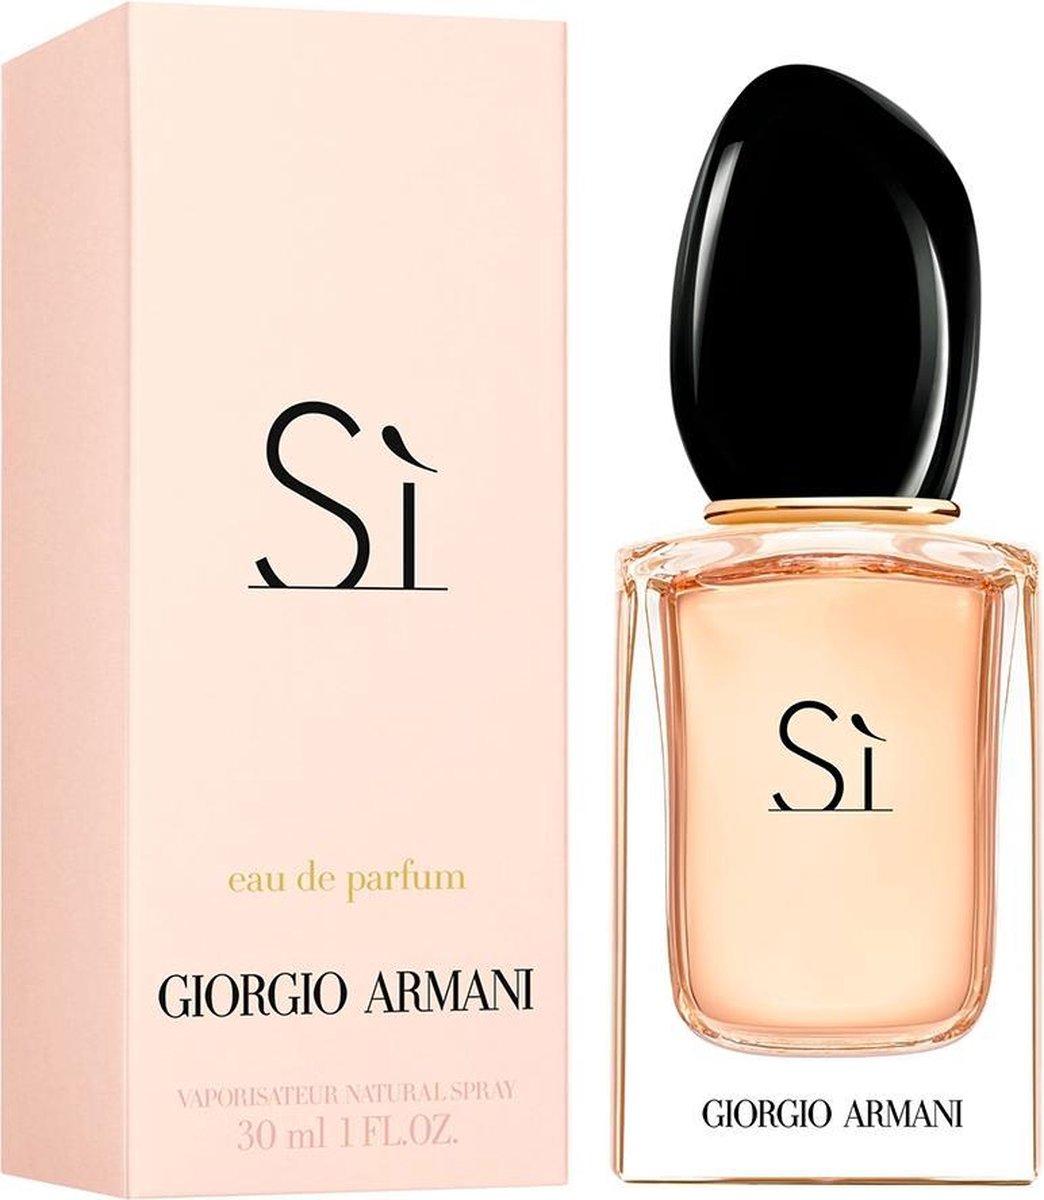 Giorgio Armani Sì 30 ml - Eau de Parfum - Damesparfum